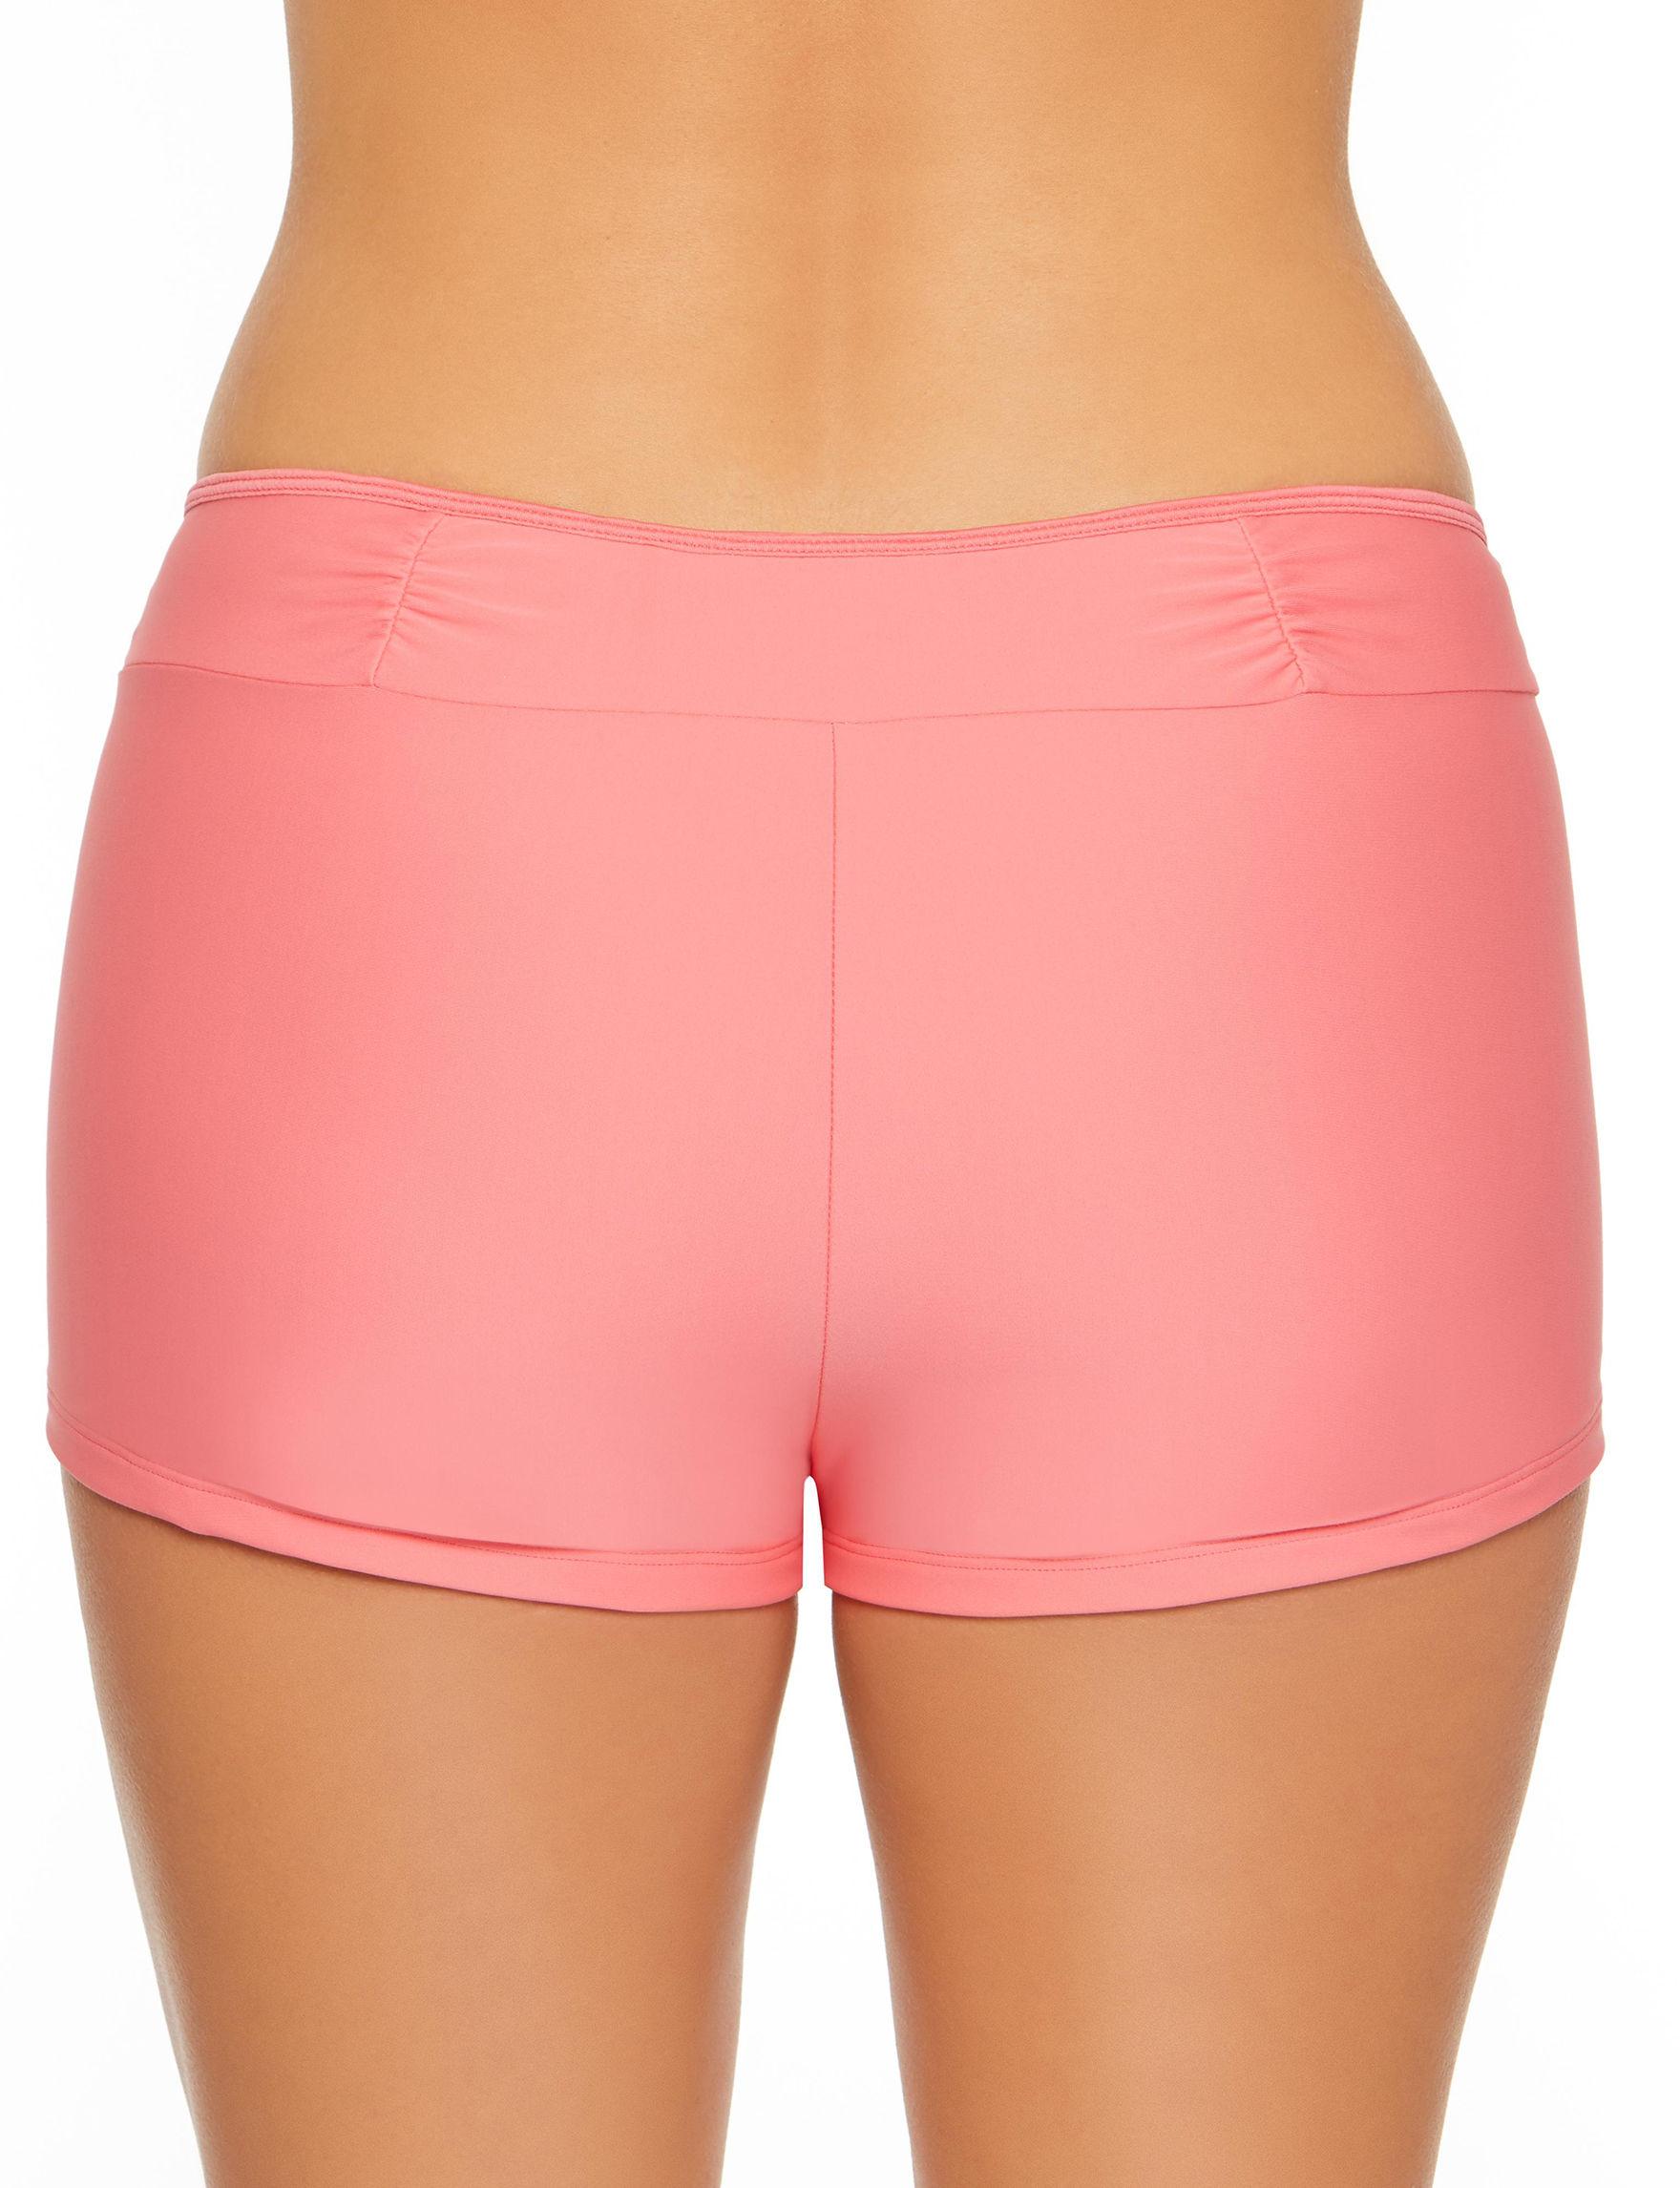 87b3f2acd5 Aqua Couture Women's Malibu Boy Shorts Swim Bottoms. WEB ID #:573555.  product. product. product. product. product. product